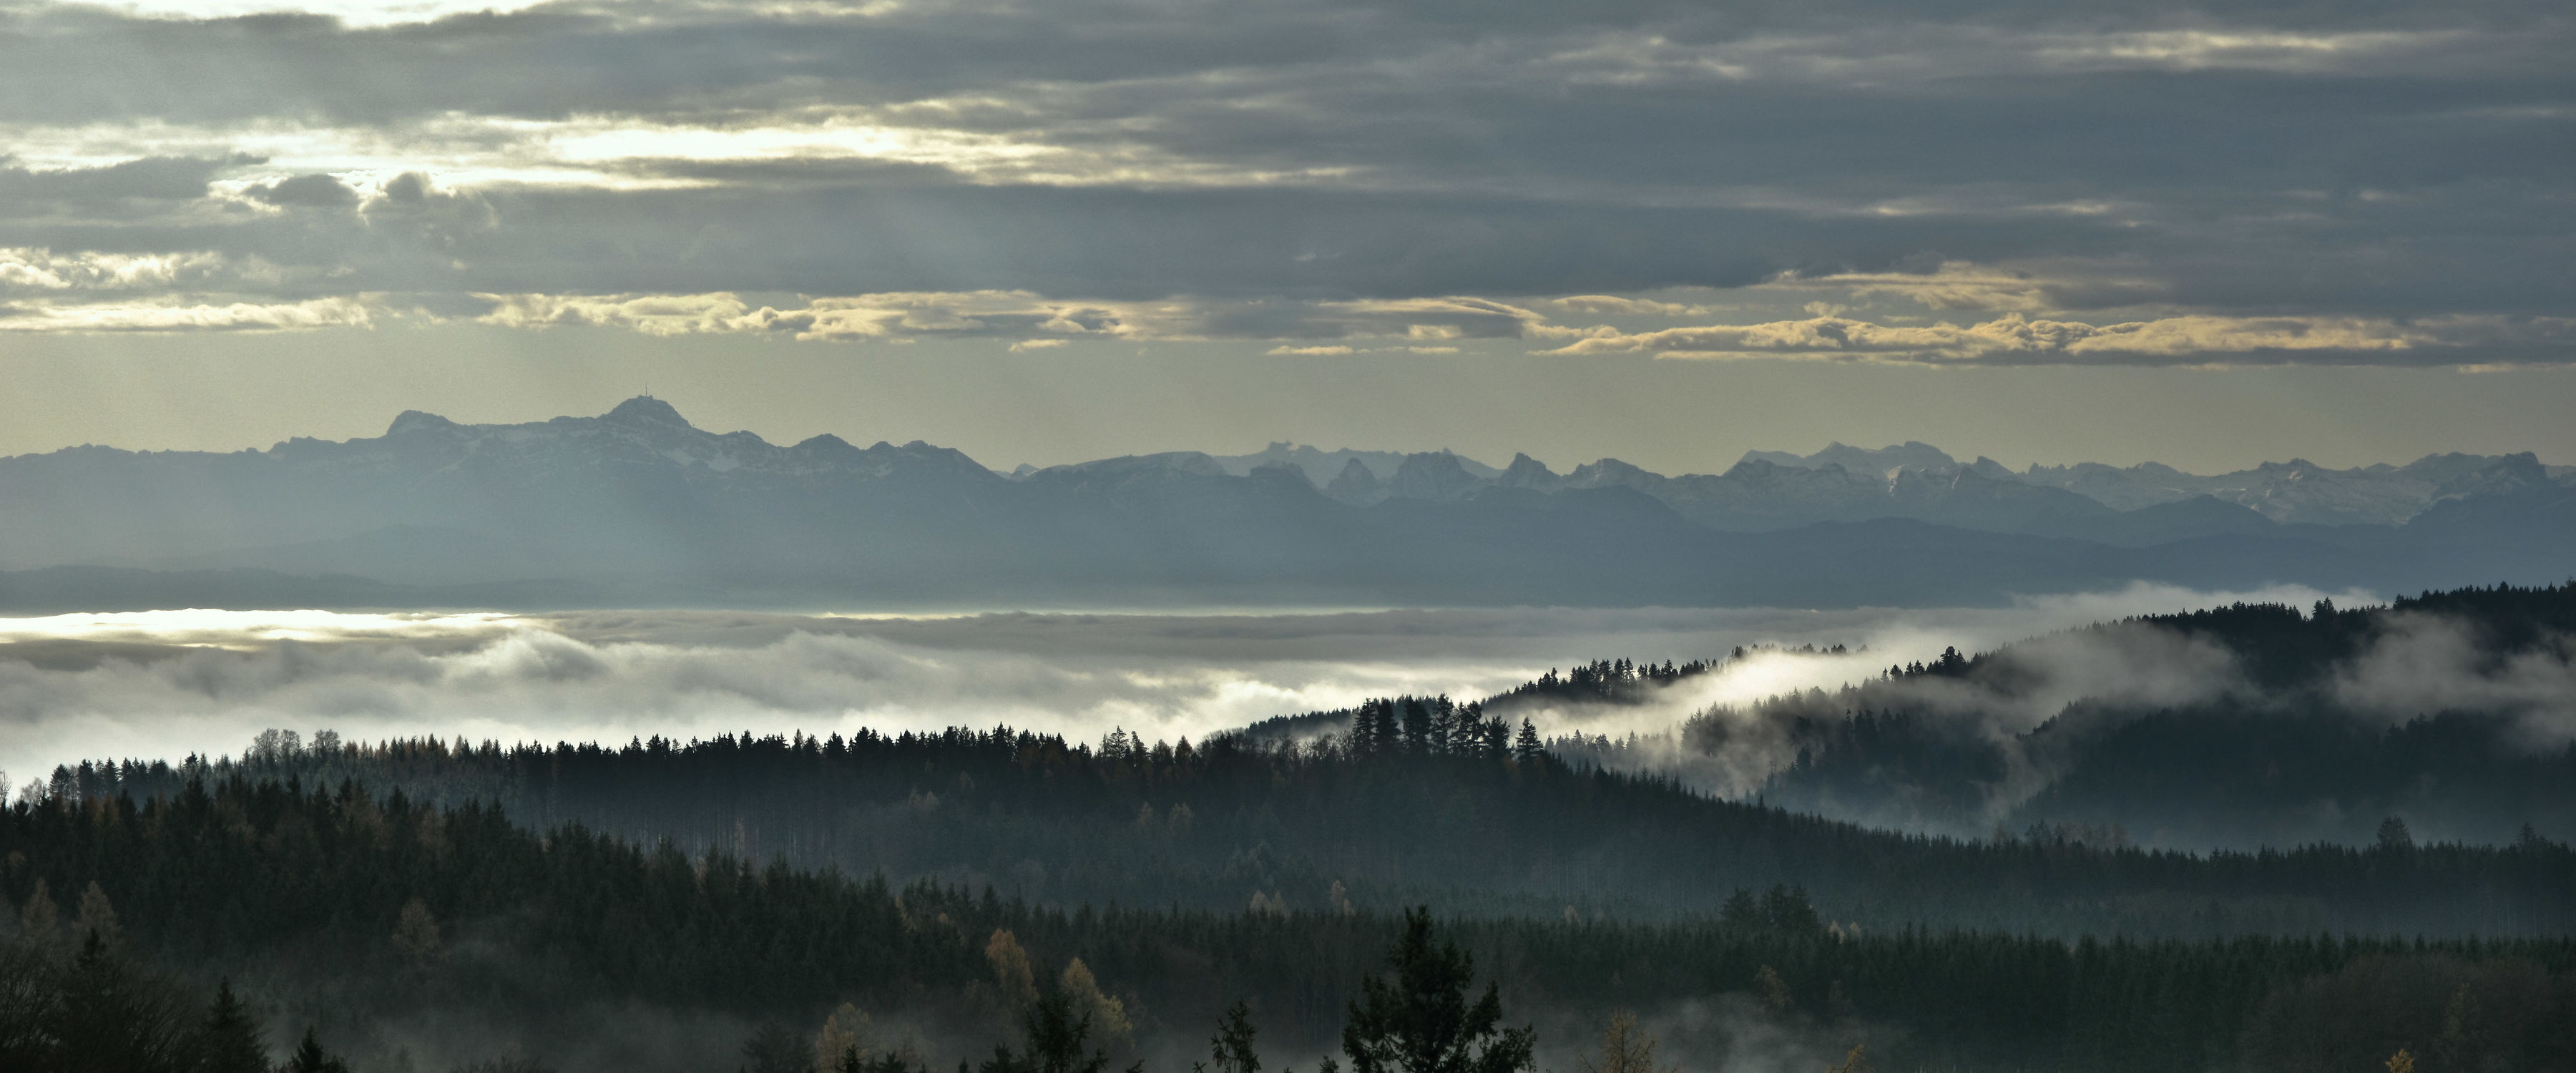 Bild mit Alpen